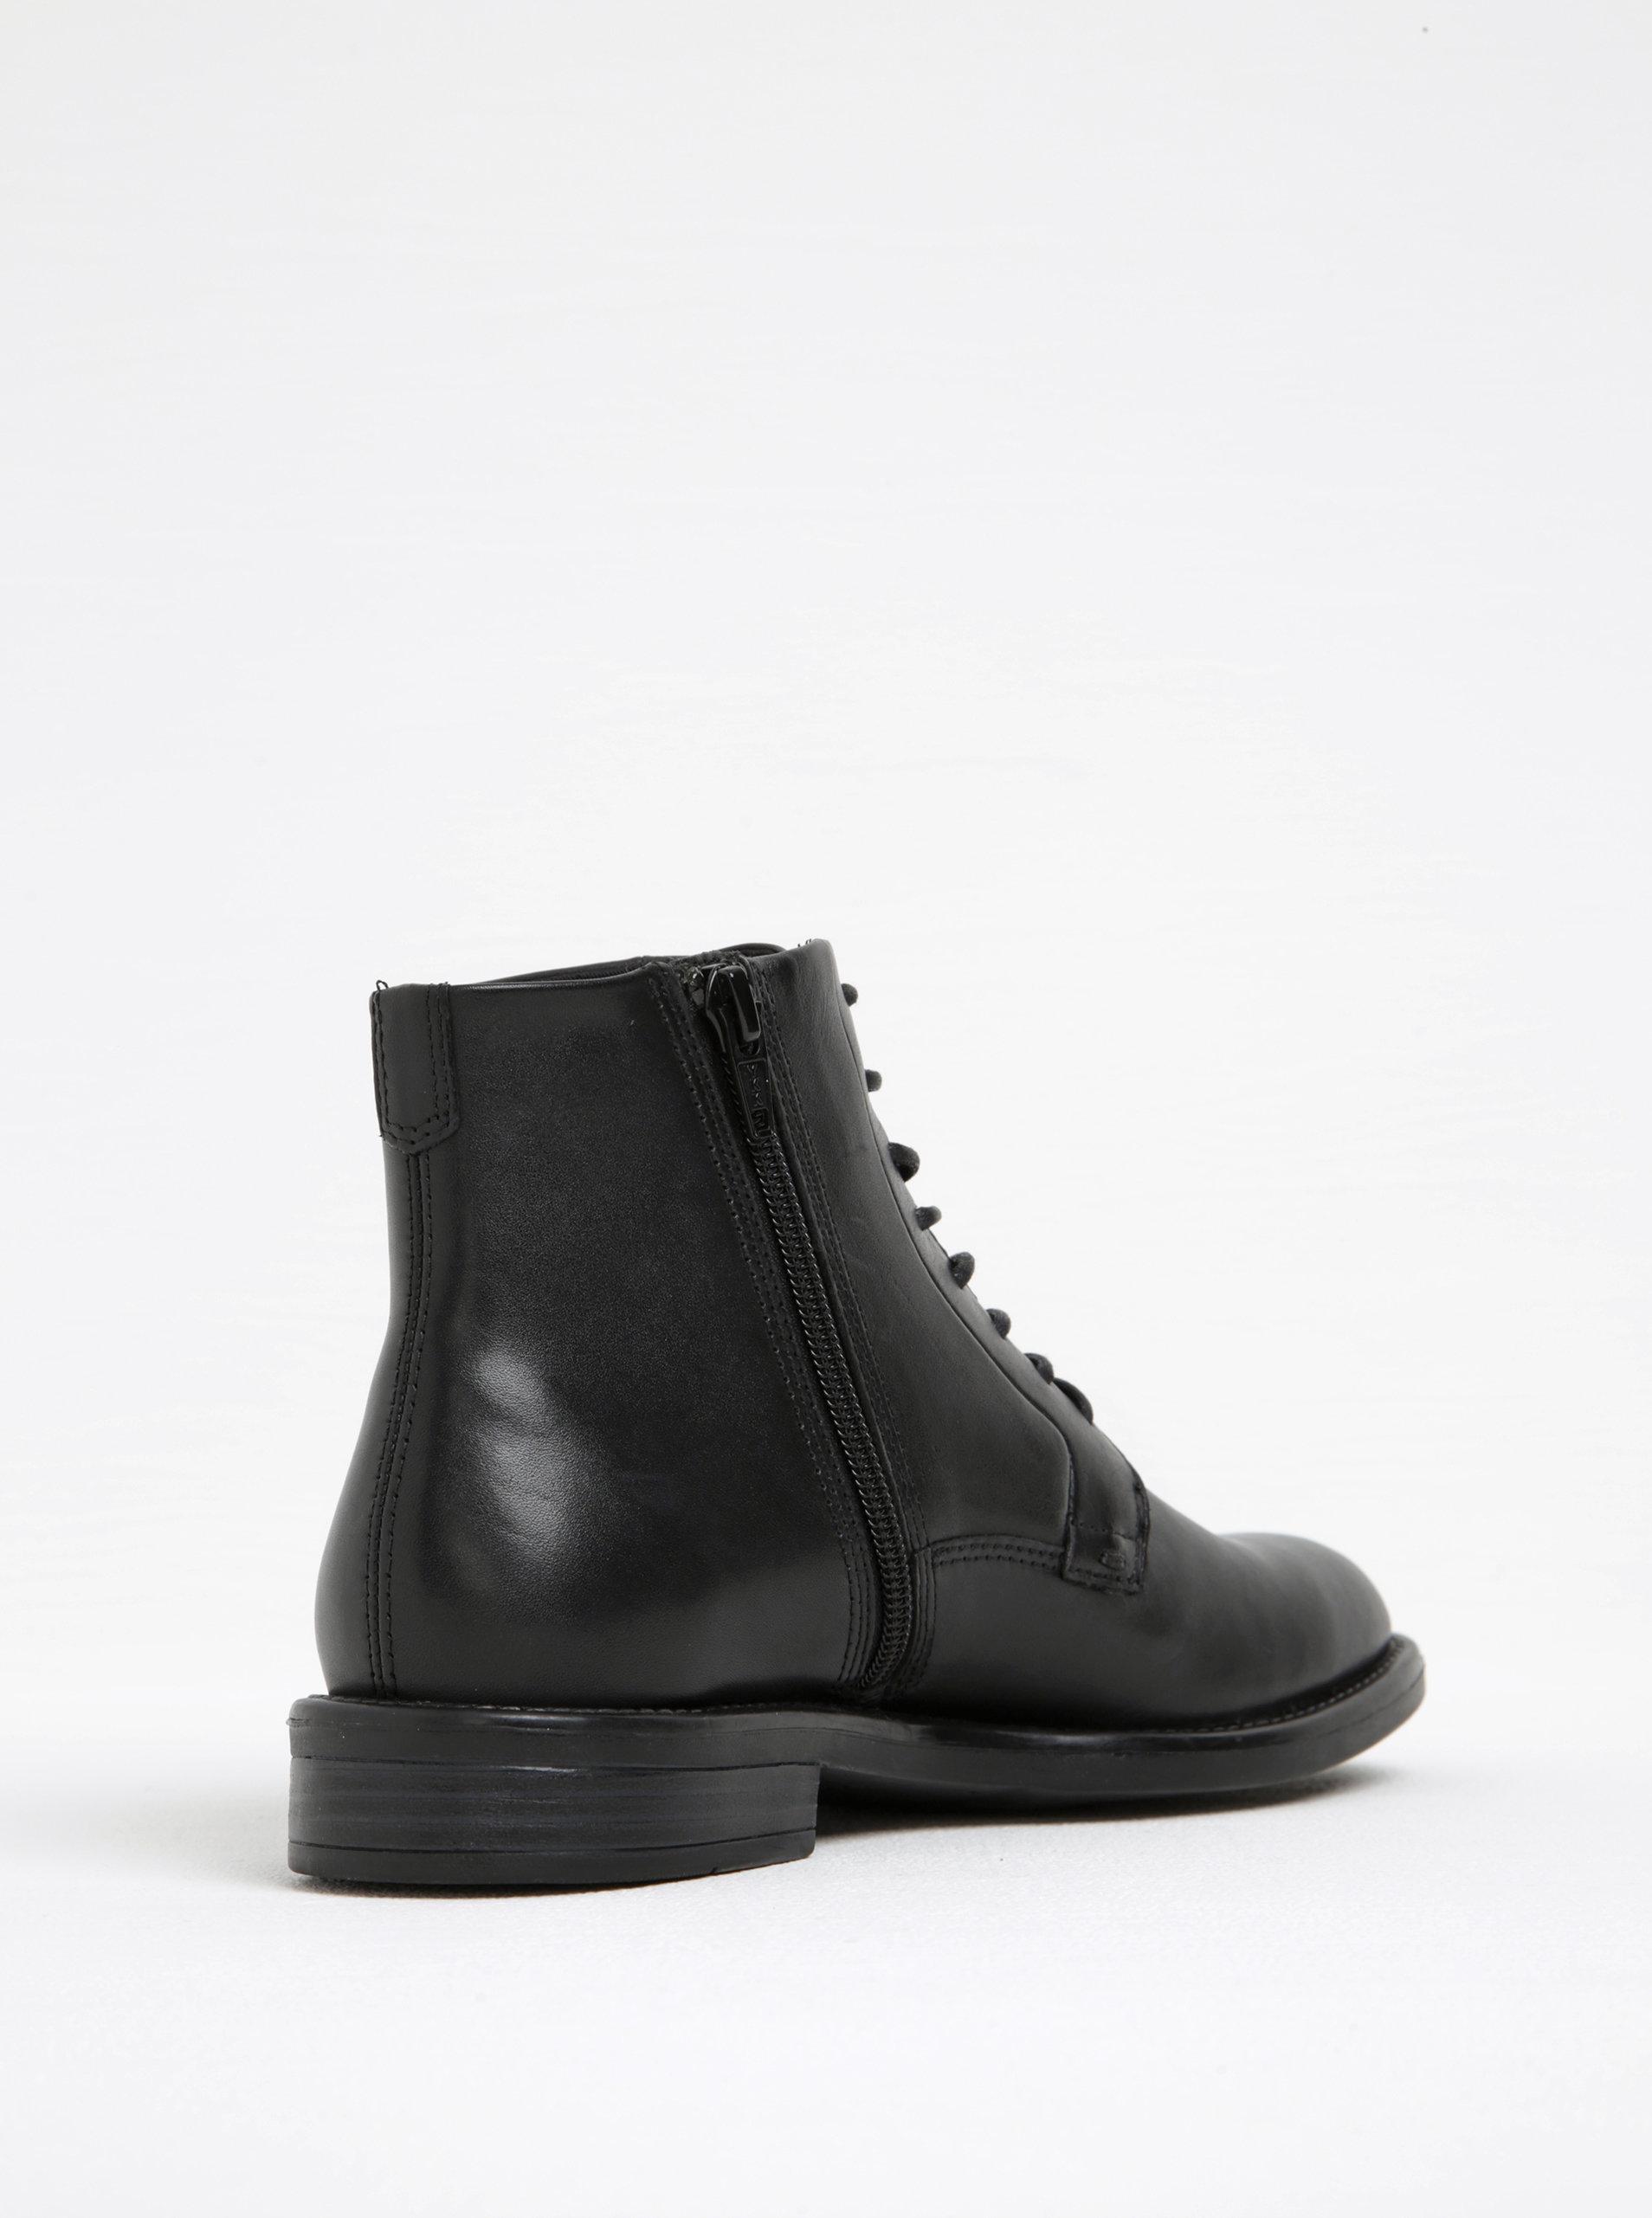 Čierne dámske kožené členkové topánky Vagabond Amina ... dd83b382789